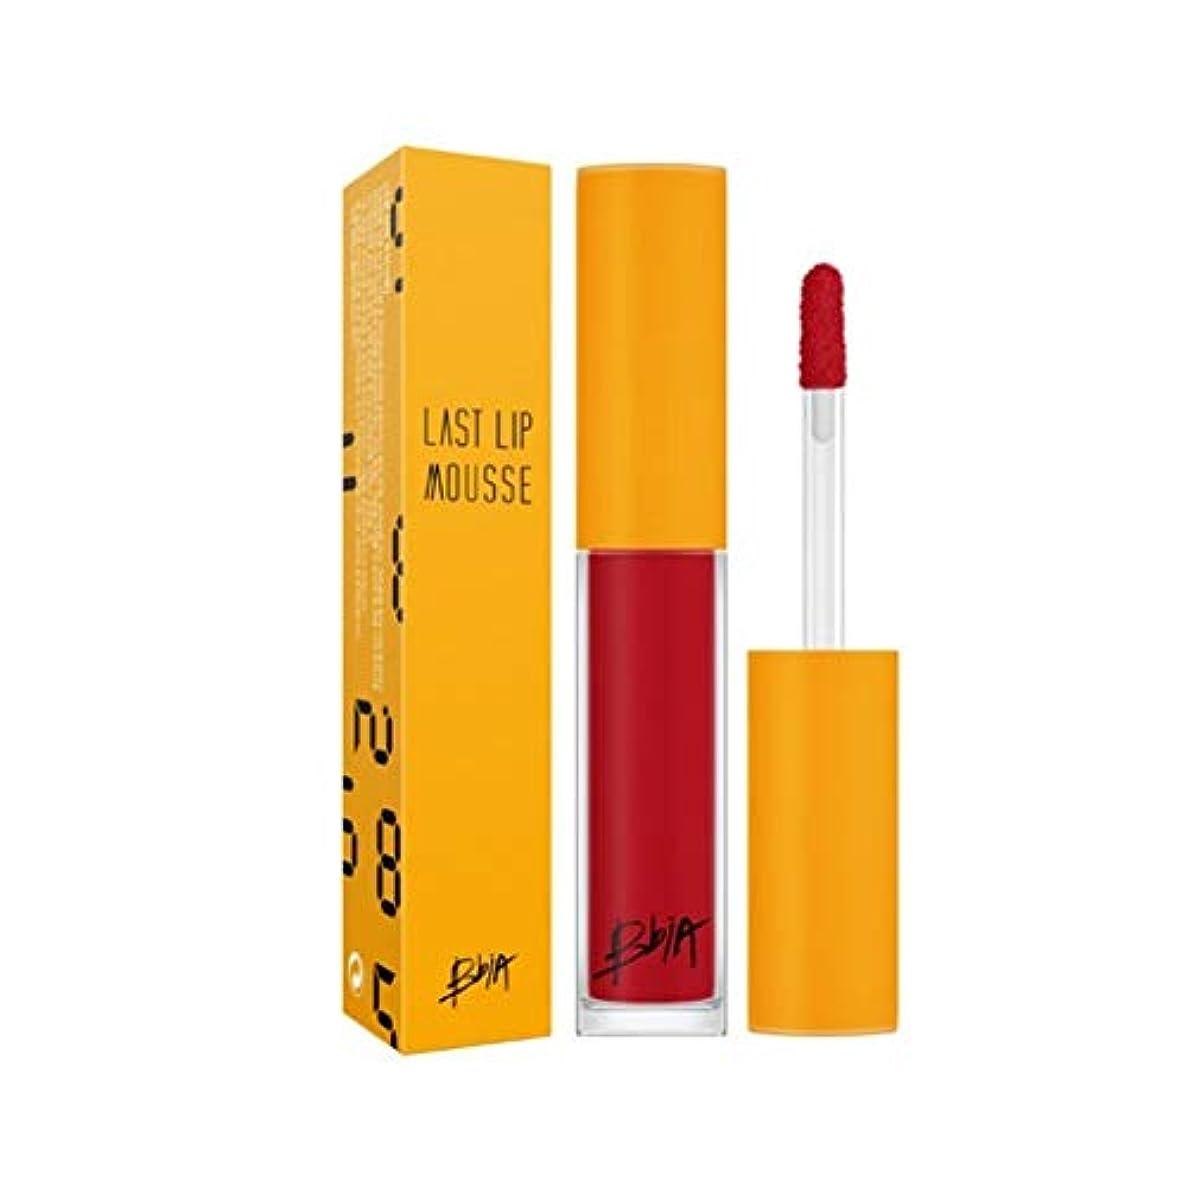 登録受信機値ピアラストリップムース 5カラー韓国コスメ、Bbia Last Lip Mousse 5 Colors Korean Cosmetics [並行輸入品] (3535 red)